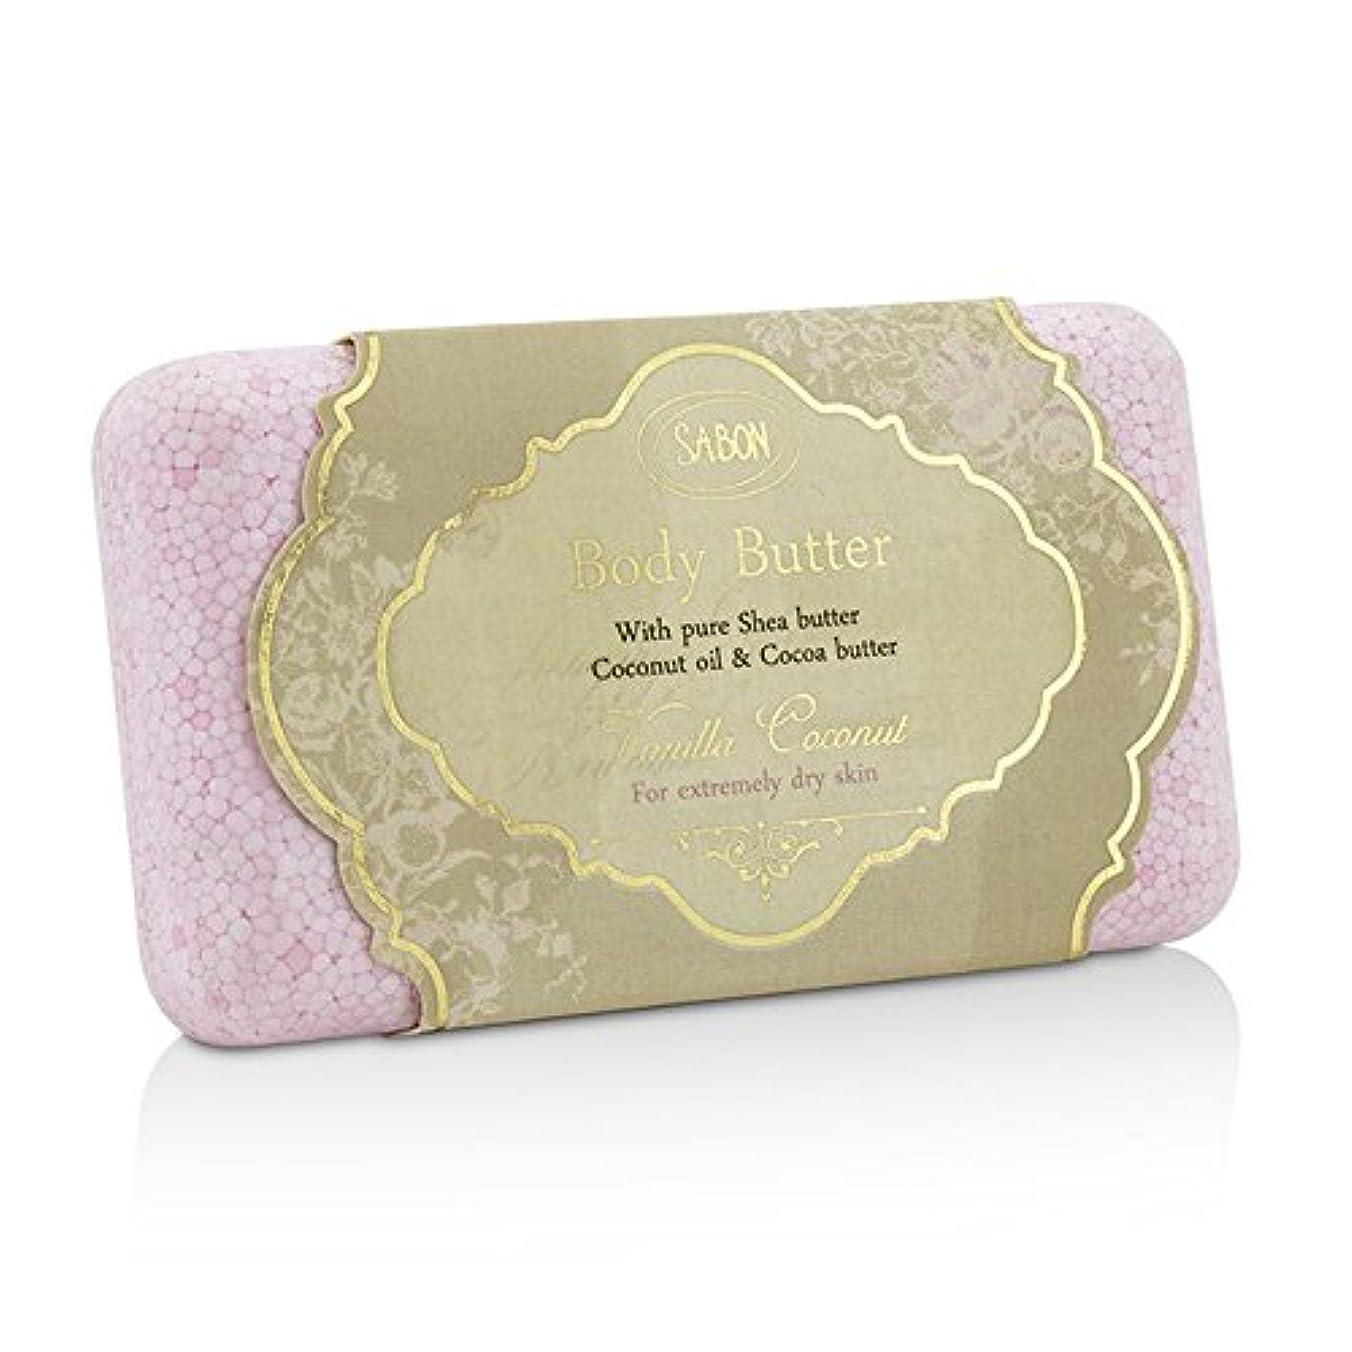 ジュニア四面体ボリュームサボン Body Butter (For Extremely Dry Skin) - Vanilla Coconut 100g/3.53oz並行輸入品